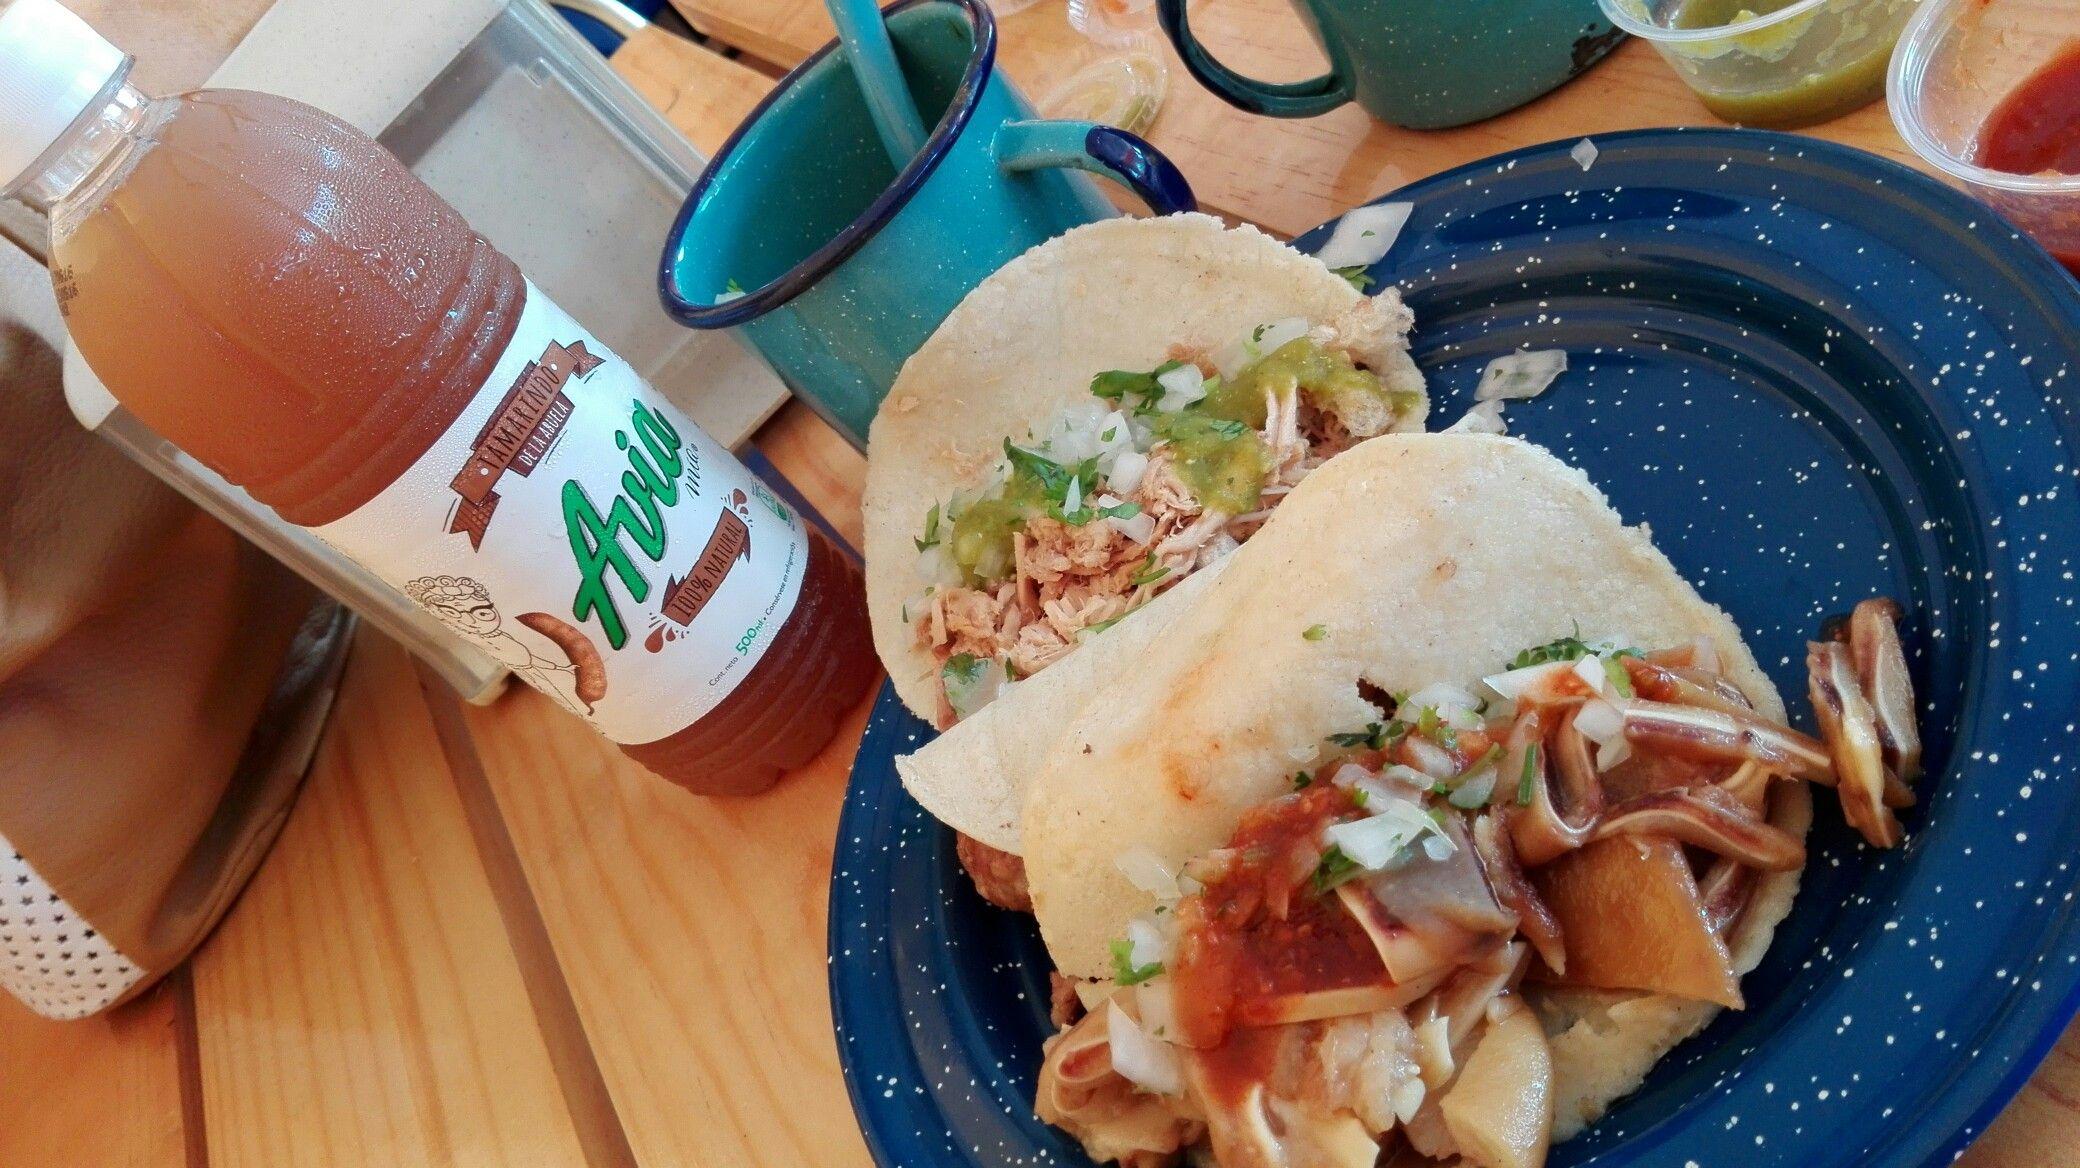 Tacos De Carnitas De Ranito Calificaci N Oreja 6 7 Costilla  # Muebles Kautiva